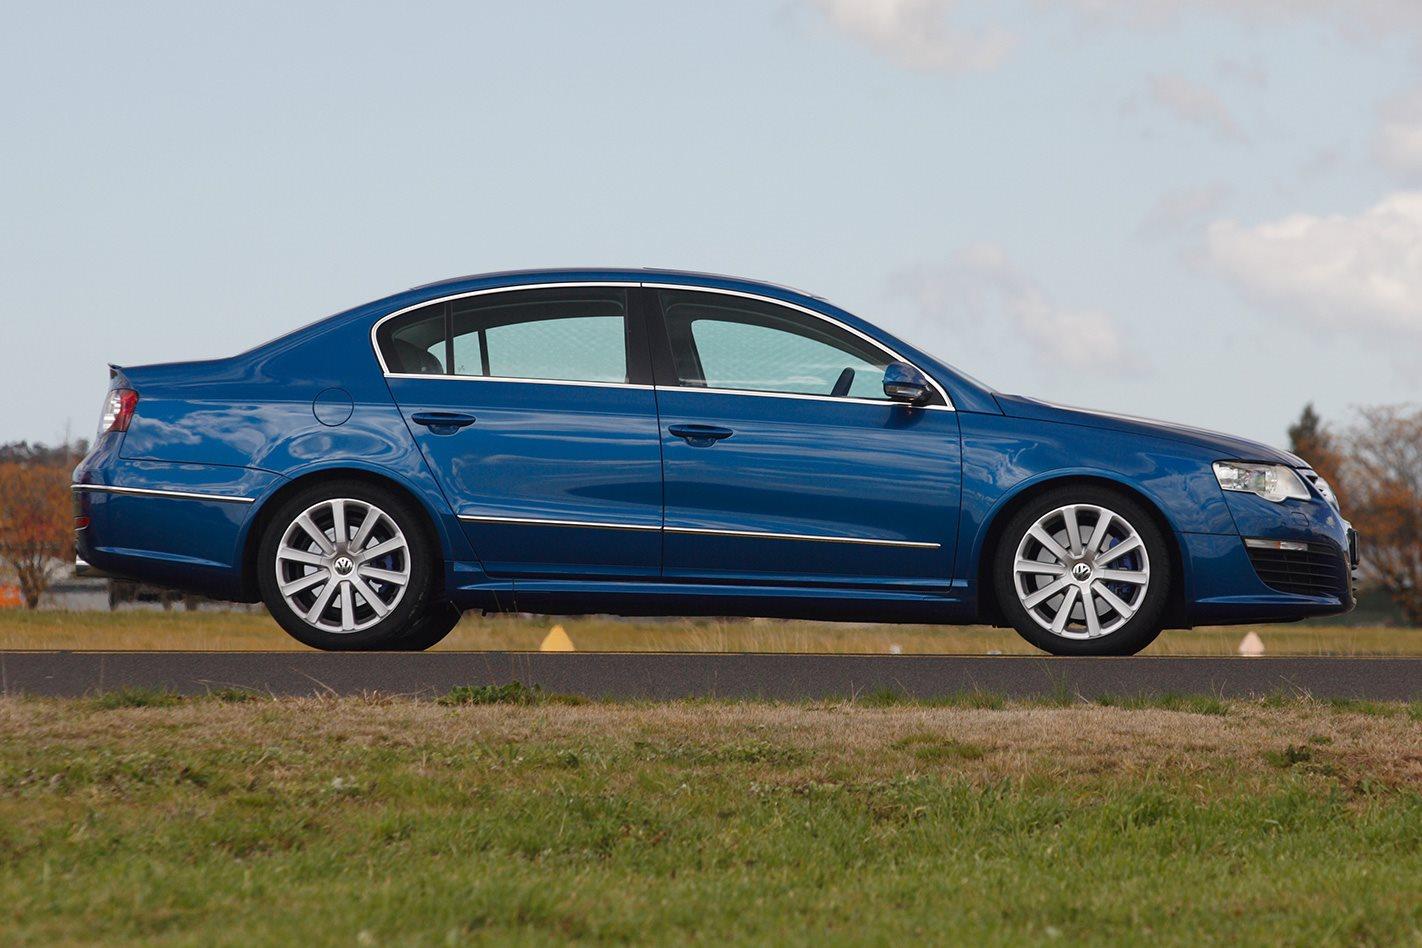 2008-Volkswagen-Passat-R36-side.jpg